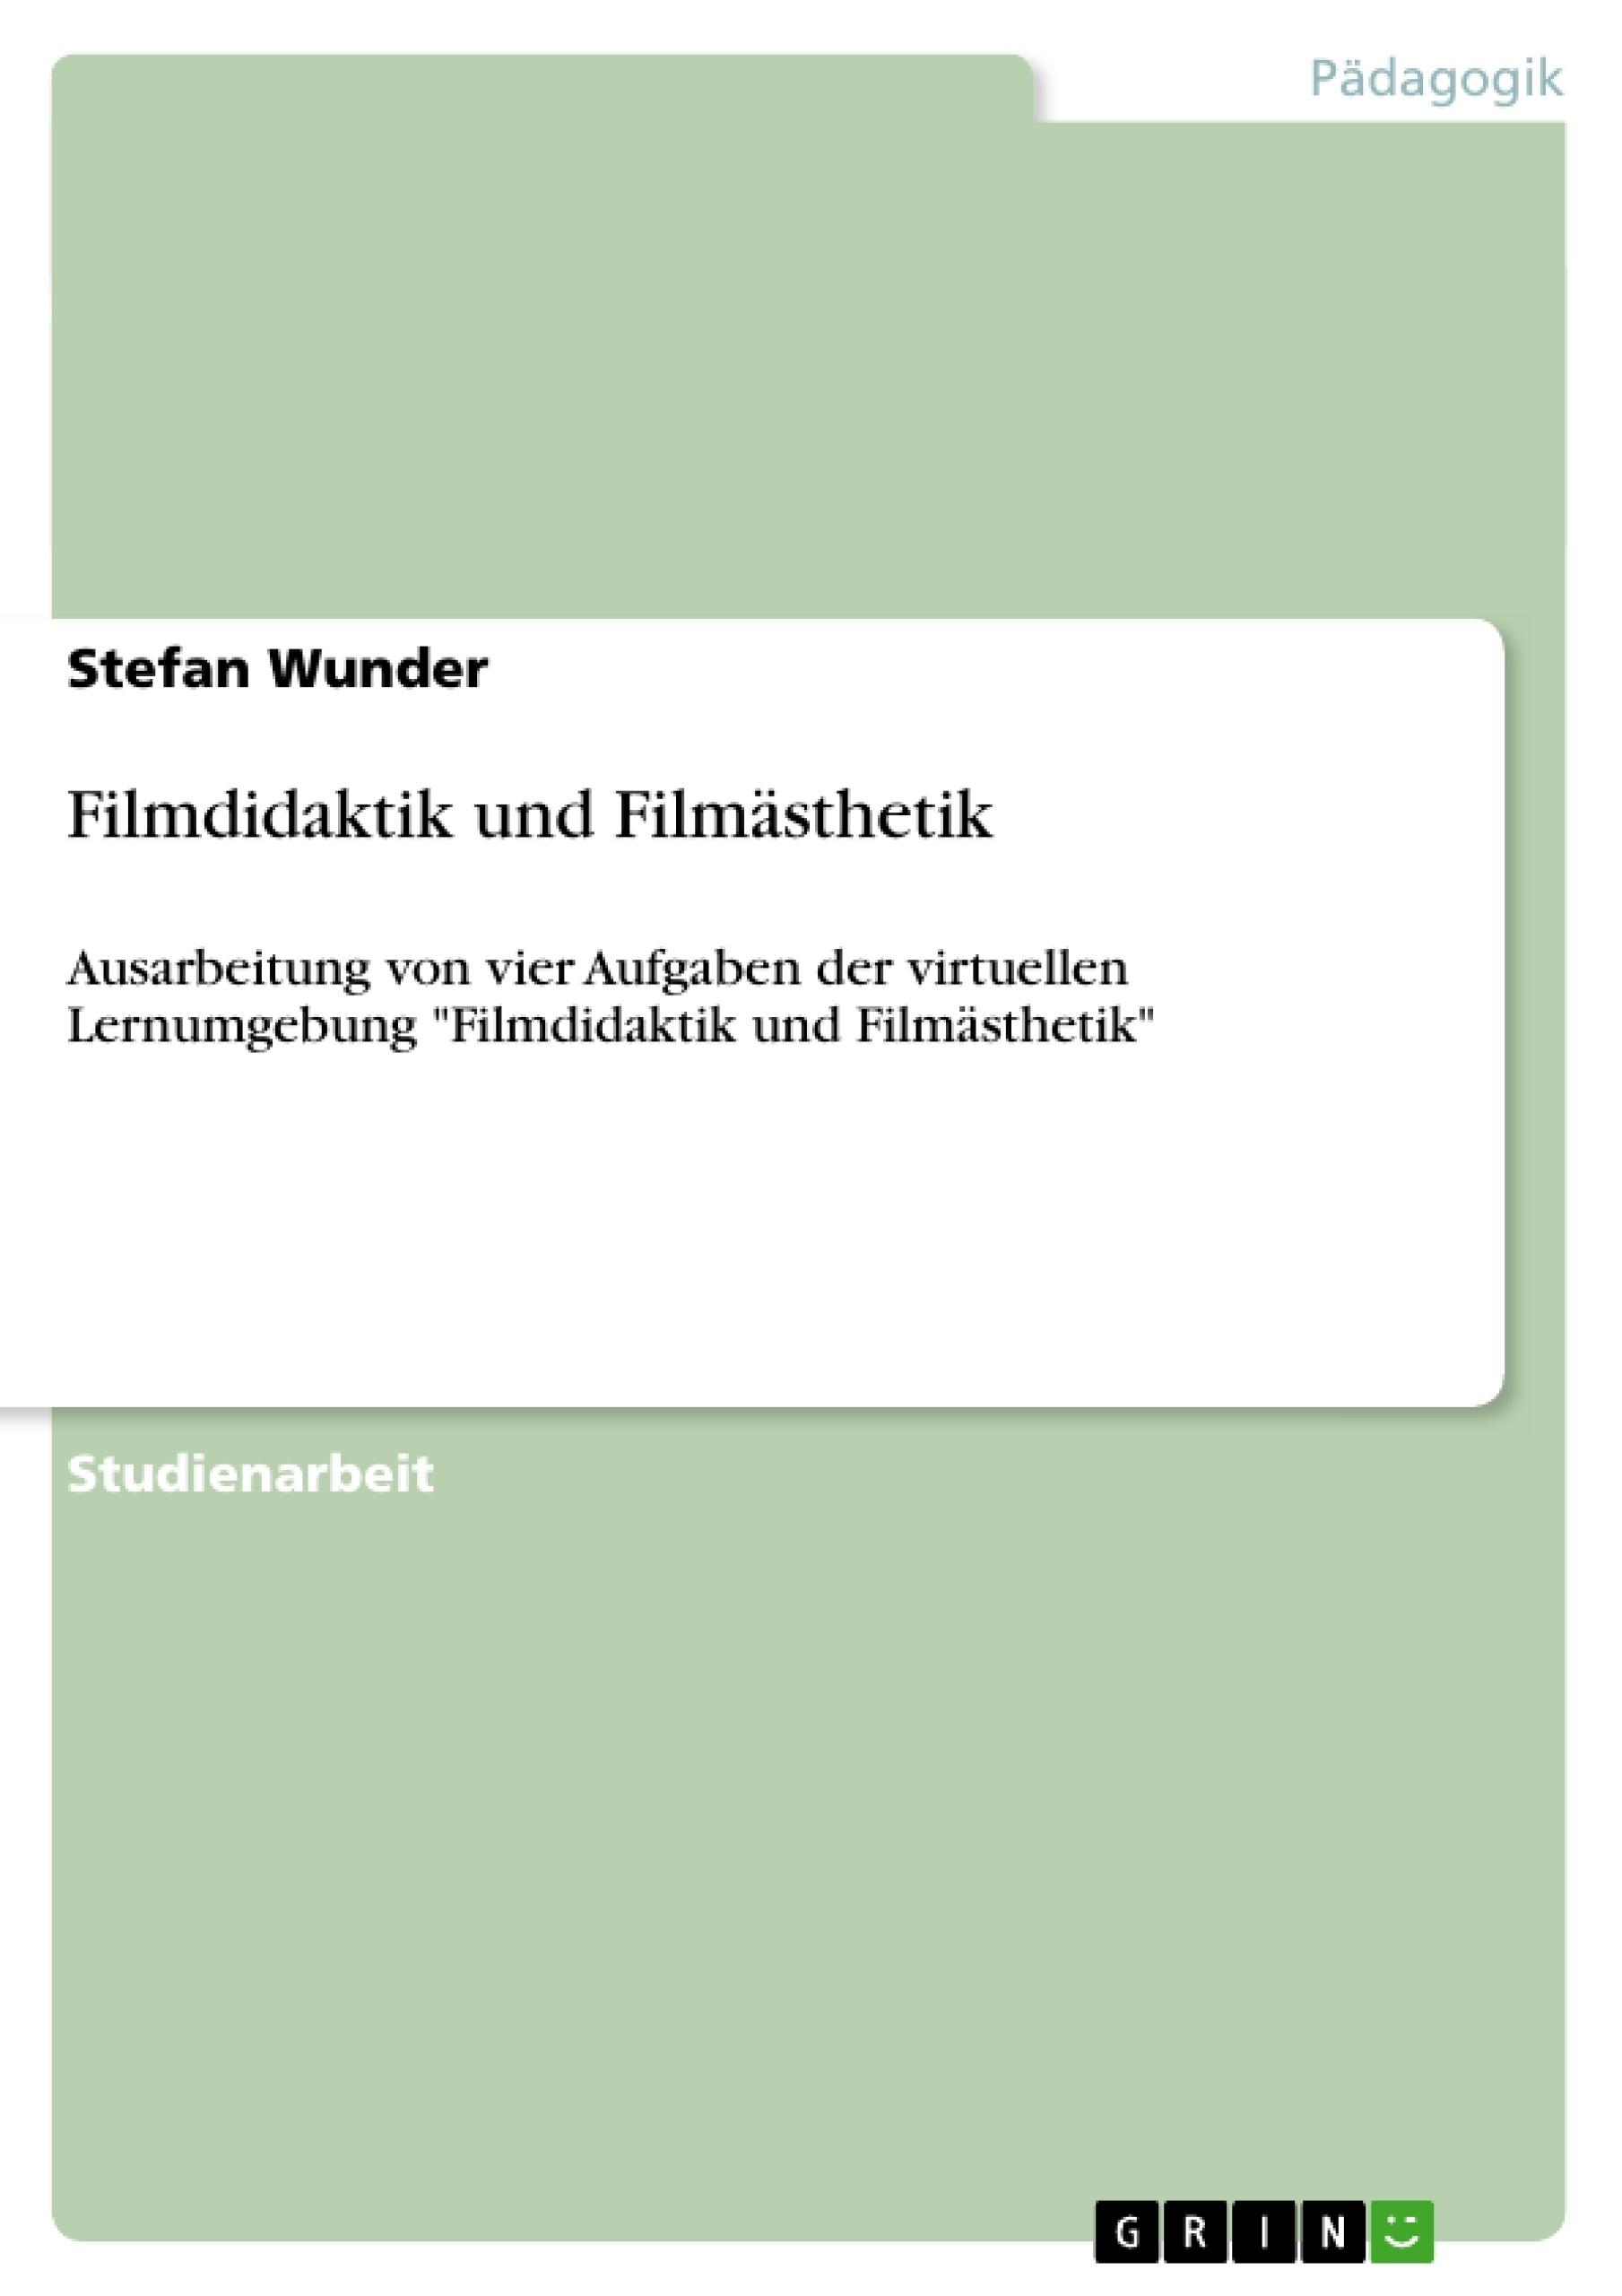 Titel: Filmdidaktik und Filmästhetik